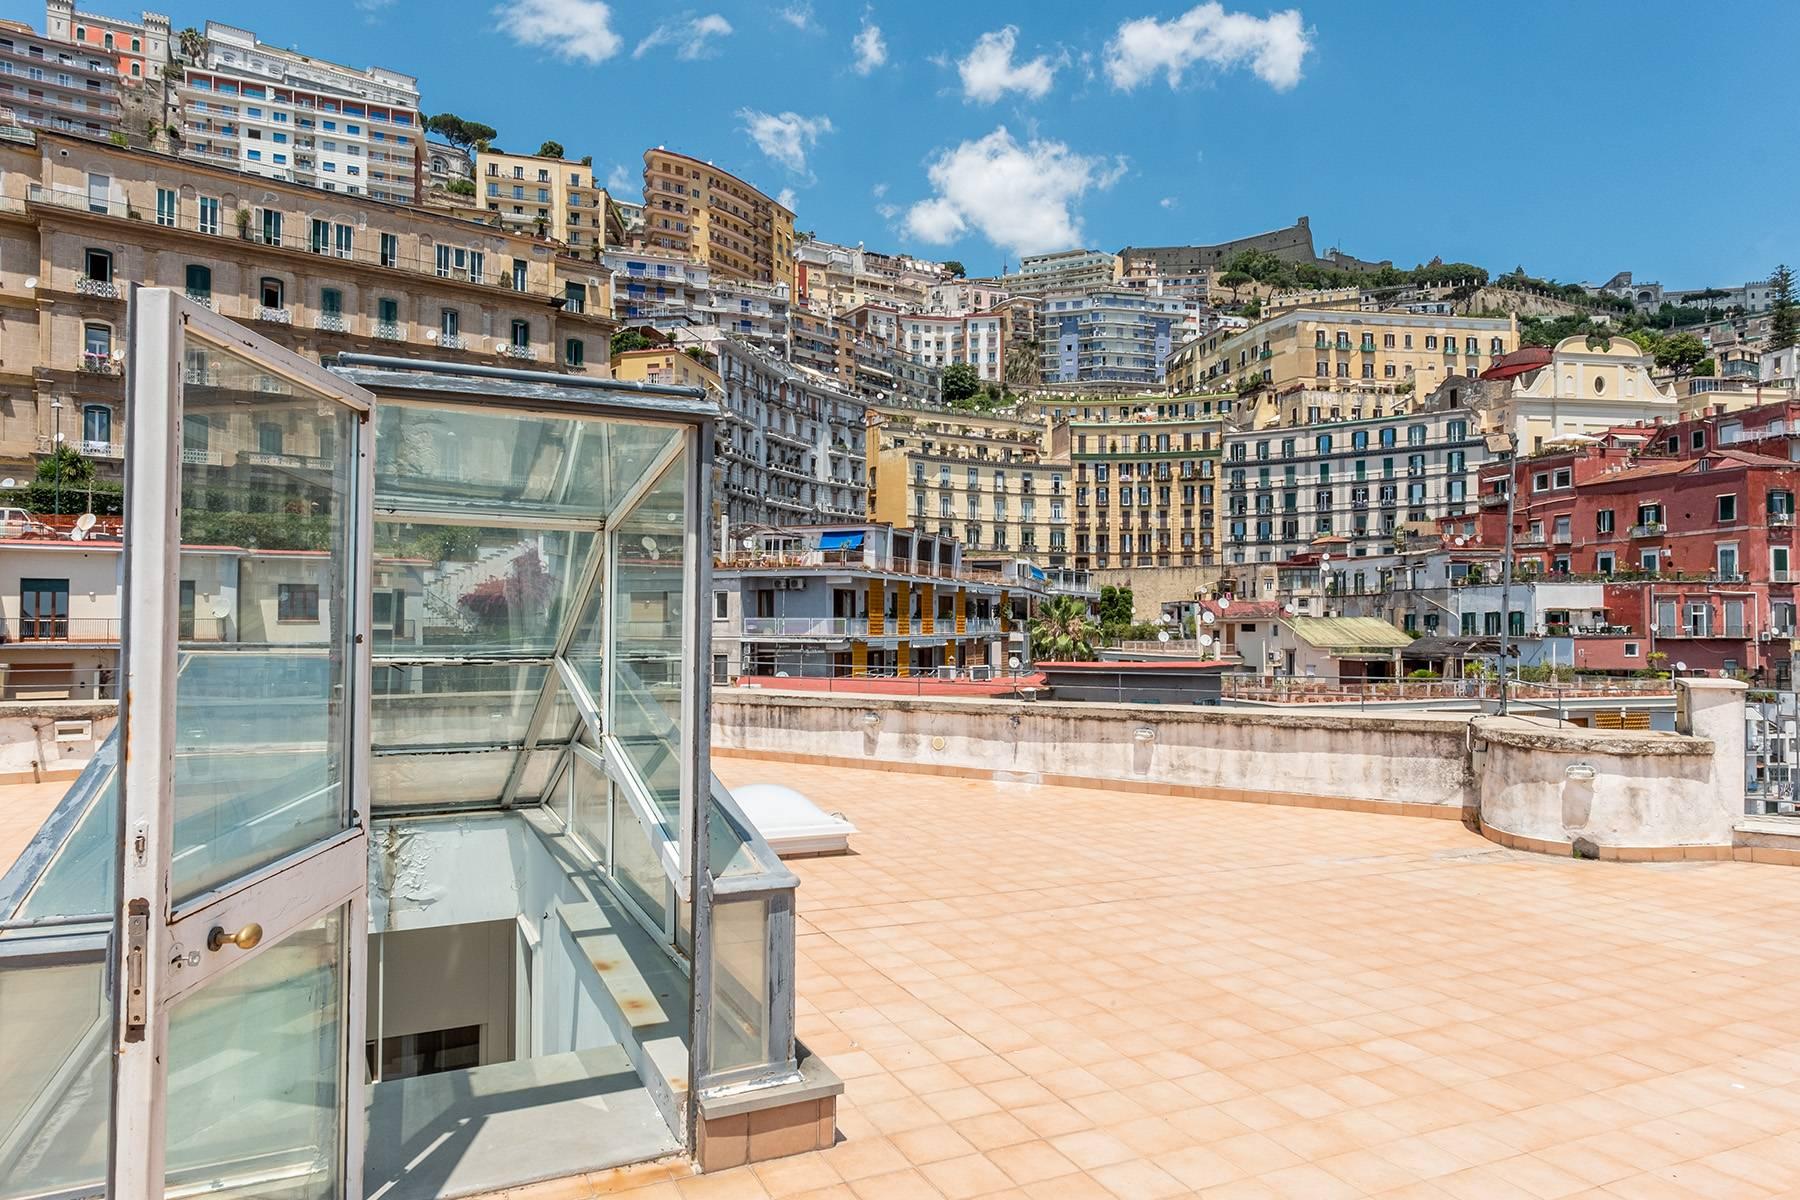 Attico in Vendita a Napoli: 5 locali, 160 mq - Foto 22